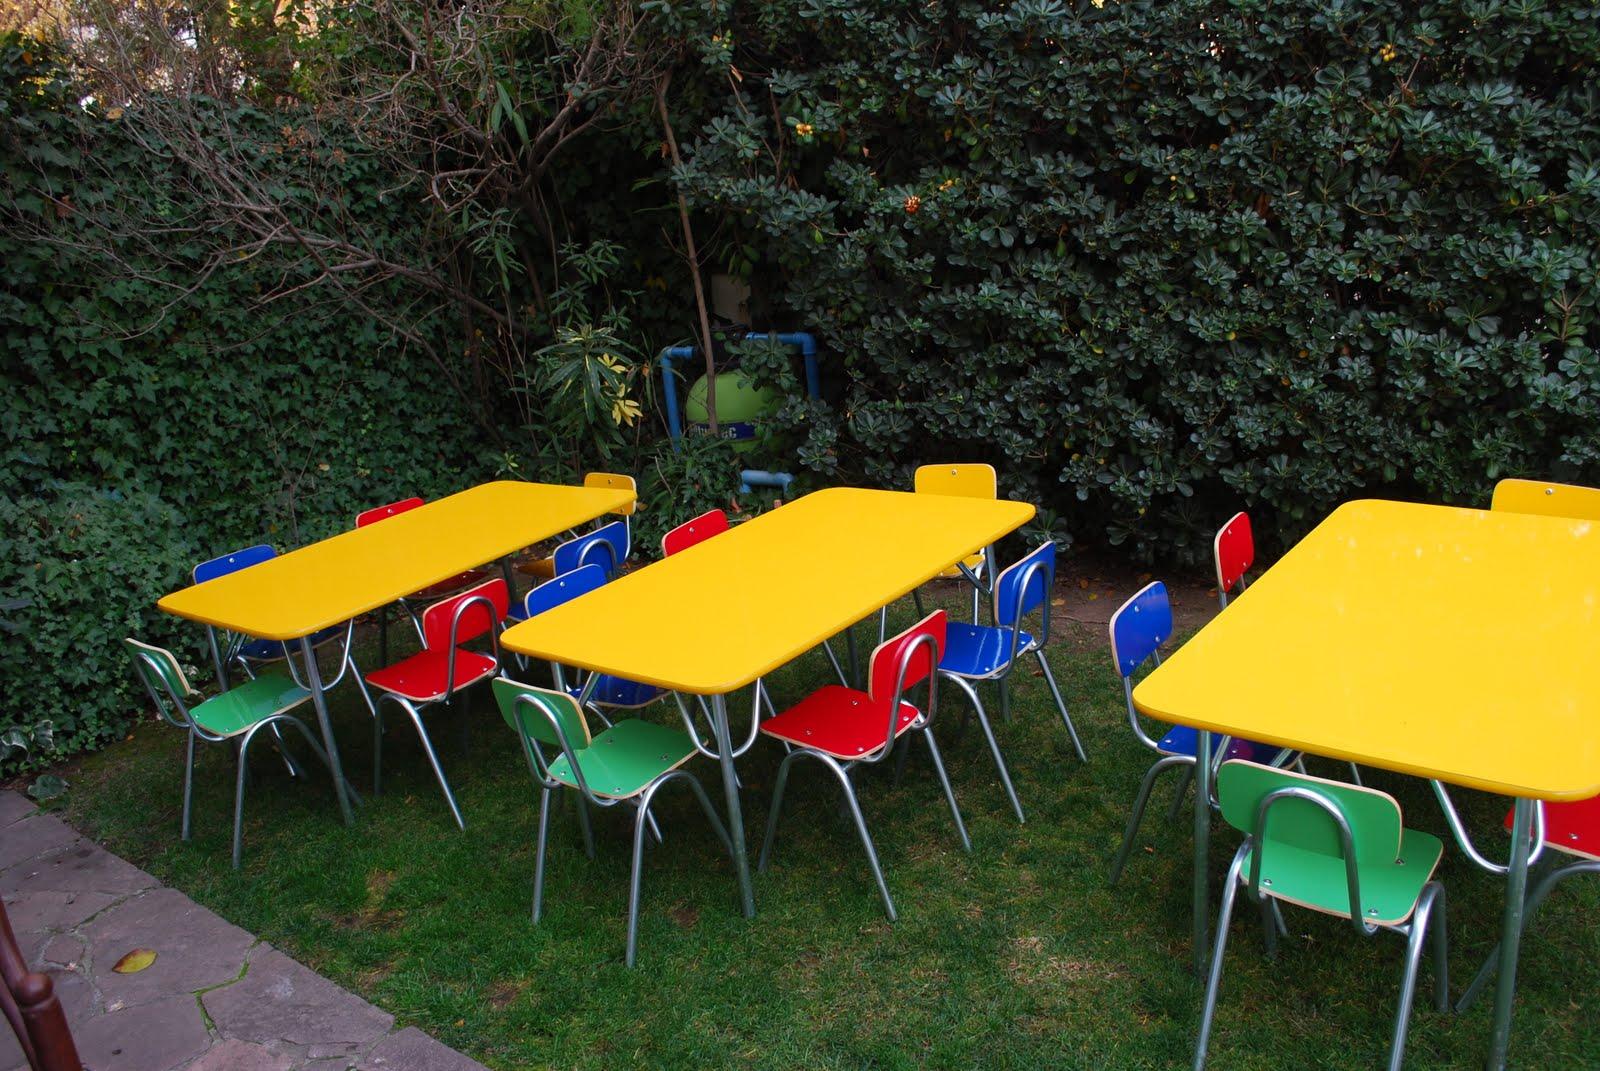 Arriendo mesas y sillas infantiles enero 2011 - Sillas y mesas infantiles ...